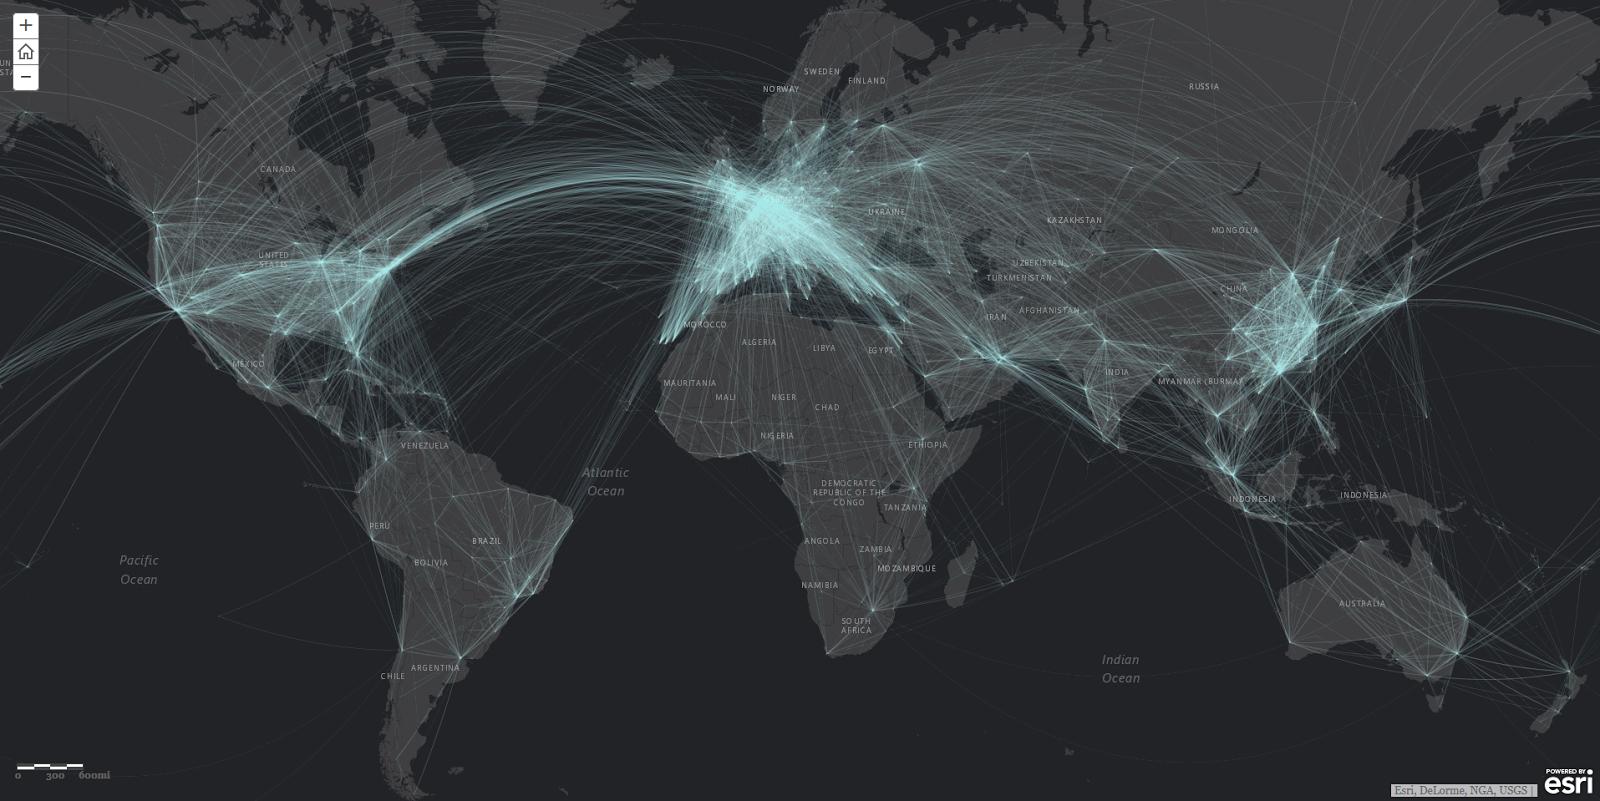 Data art: Global air traffic